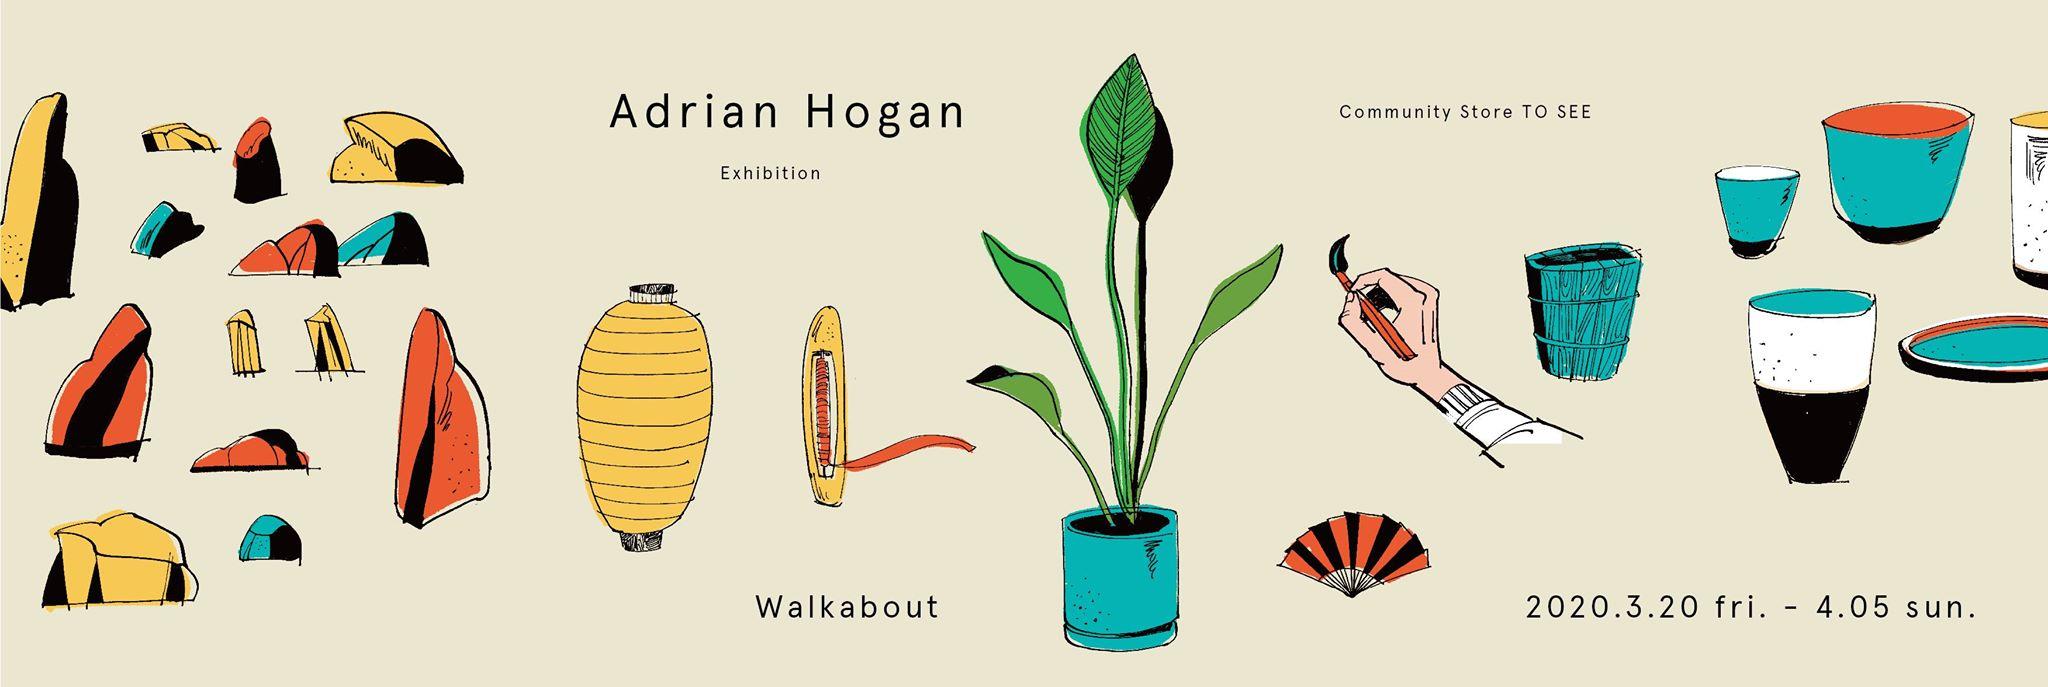 企画展《TO SEE Archive:17》<br> Adrian Hogan Exhibition / エイドリアン・ホーガン展<br>『Walkabout』